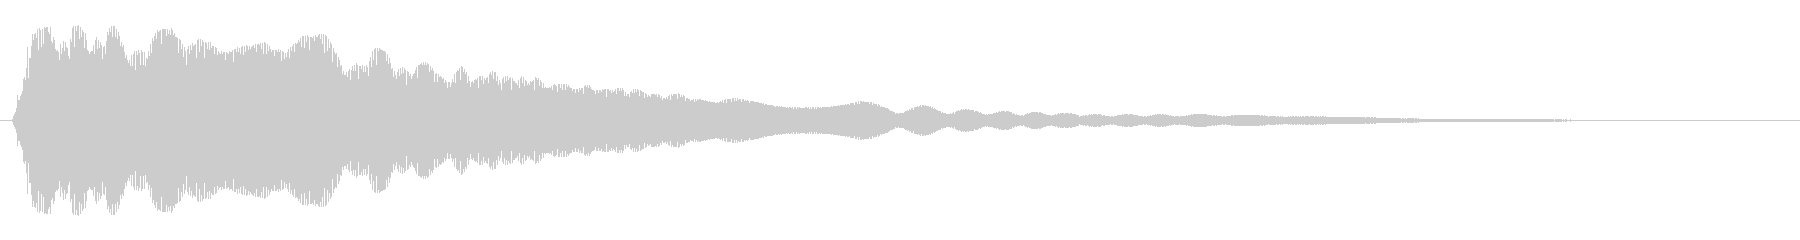 キーン(金属を叩いた音)の未再生の波形